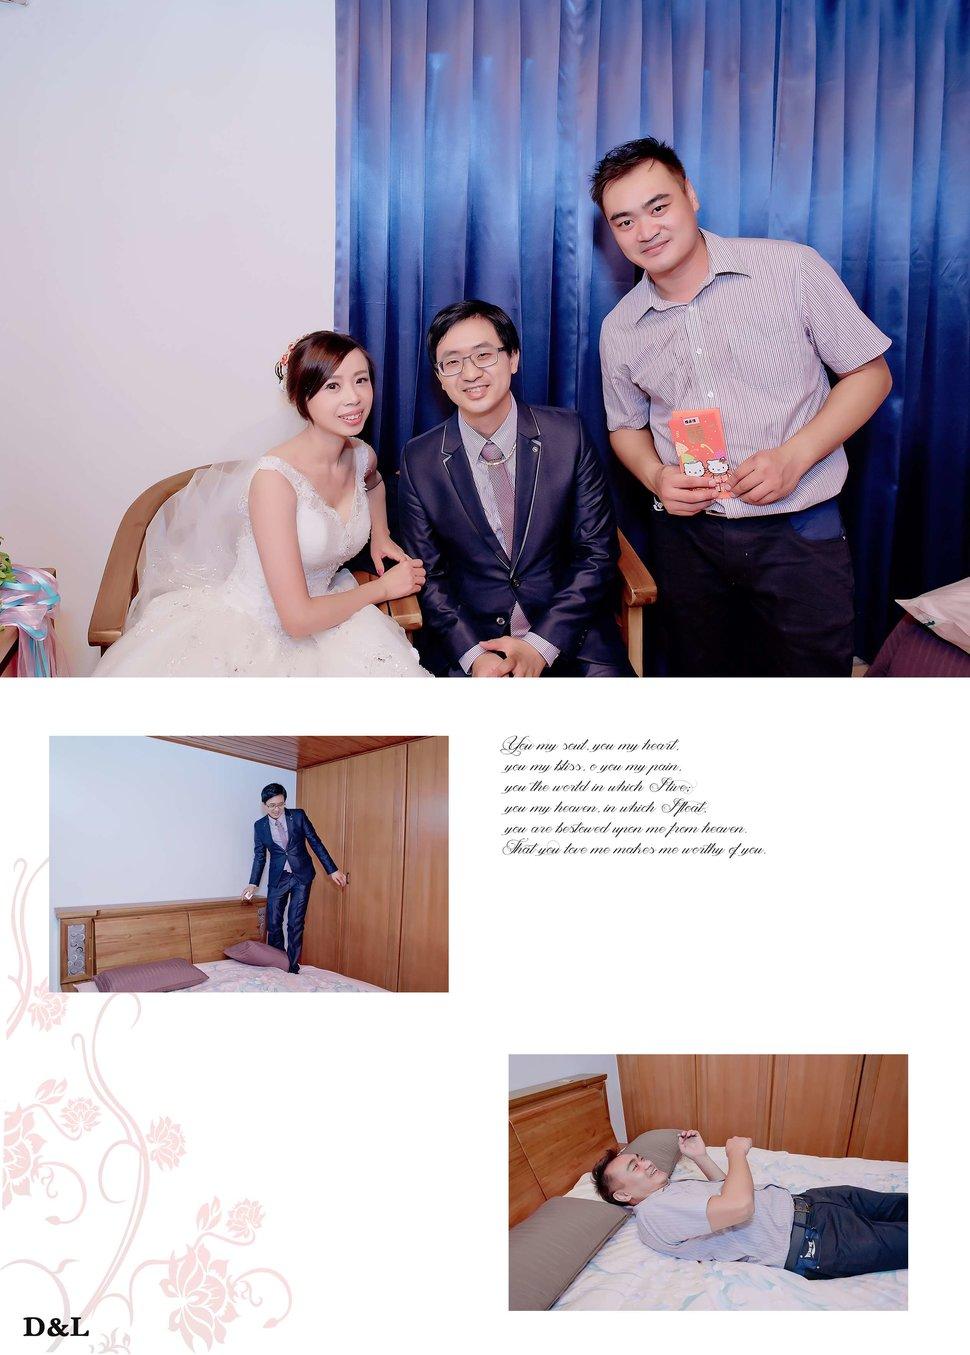 台中婚攝 婚禮記錄 維信&佩君-球愛物語景觀婚禮會館(編號:374402) - D&L 婚禮事務-婚紗攝影/婚禮記錄 - 結婚吧